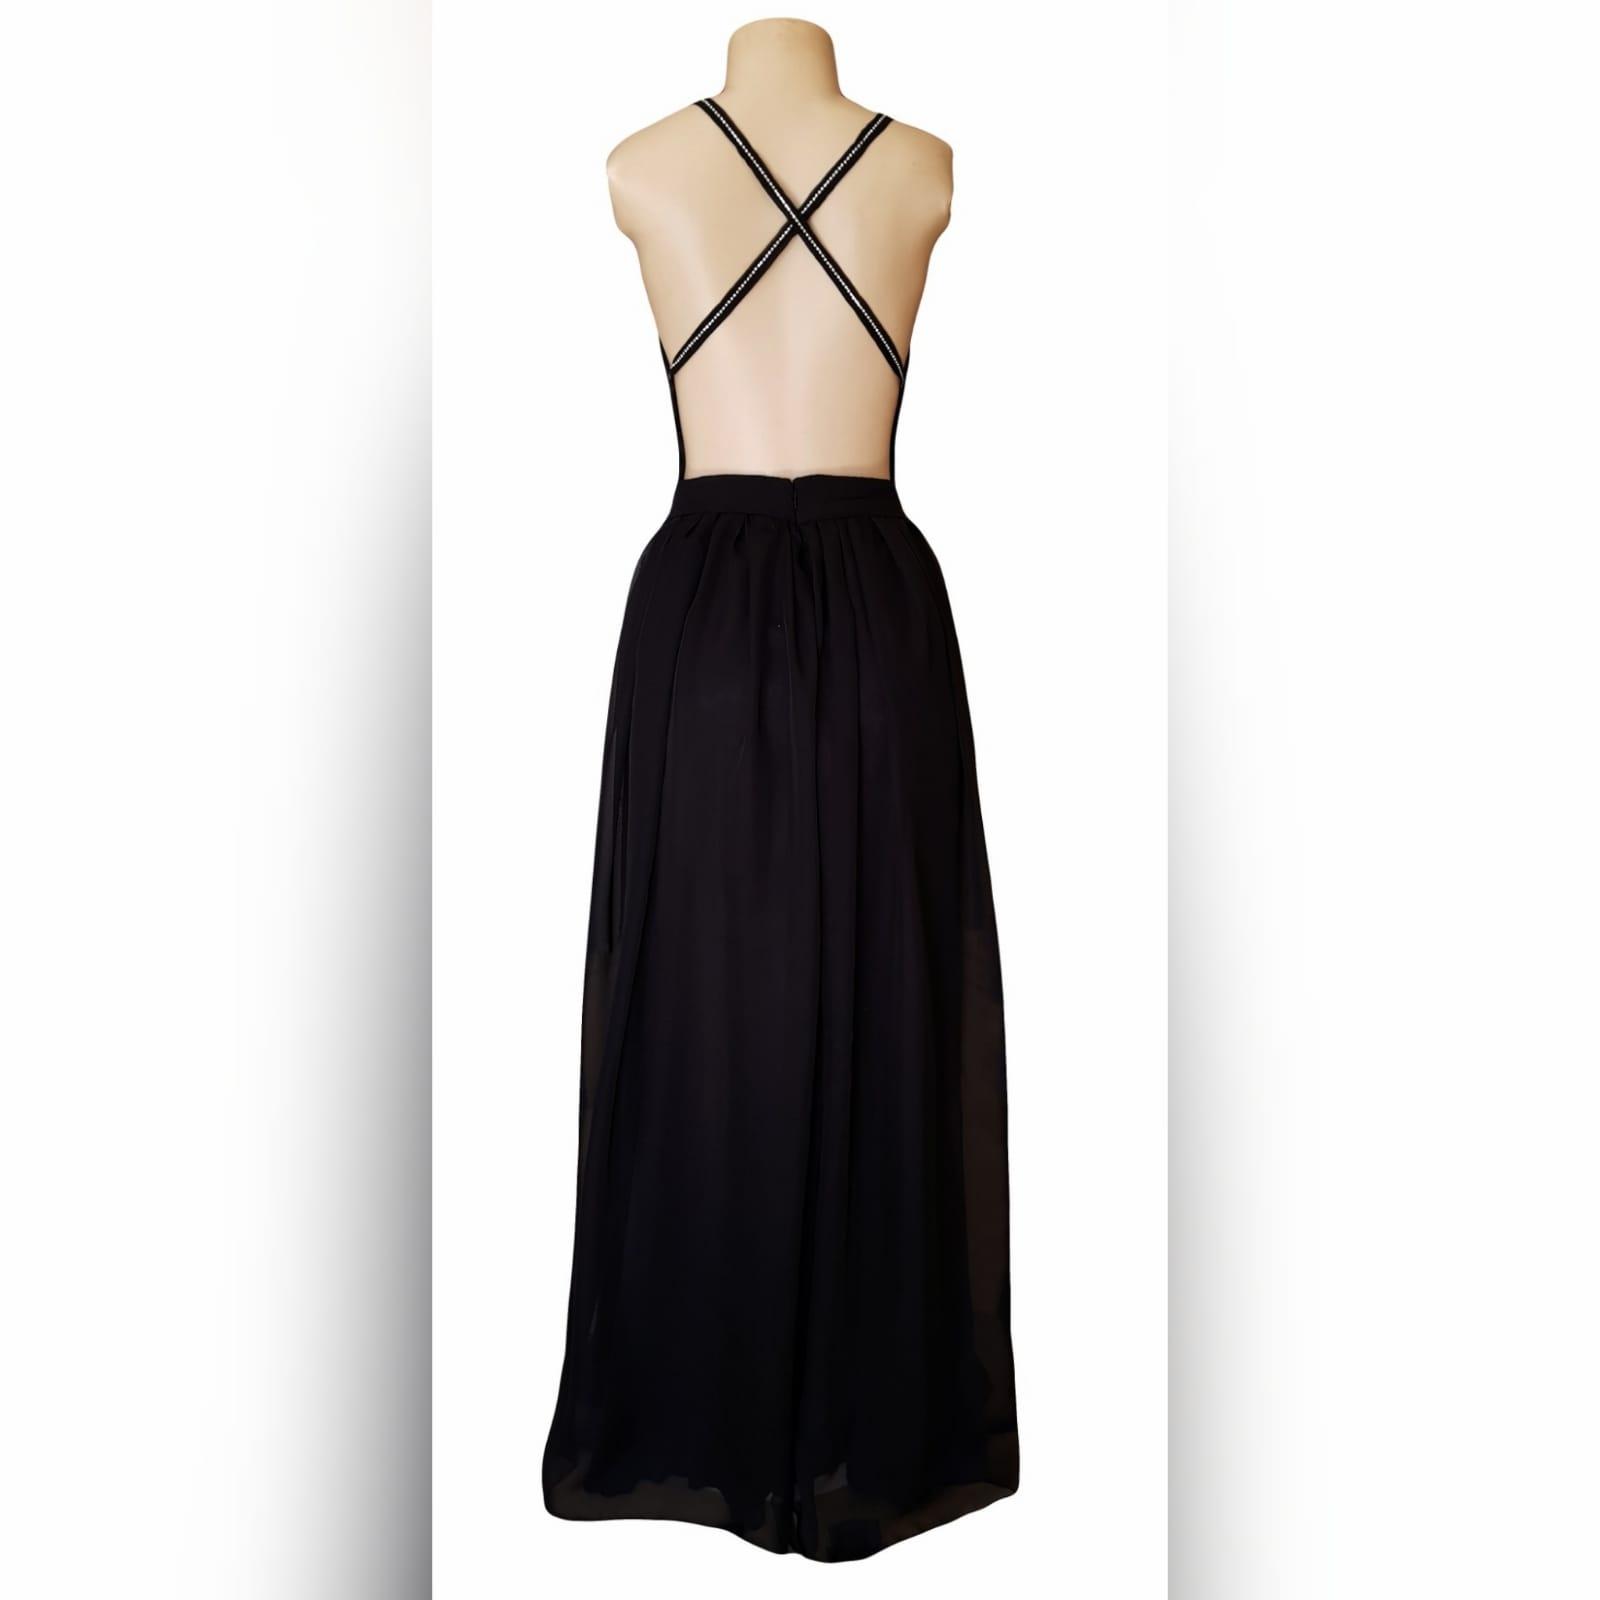 Vestido de cerimônia com decote profundo preto sexy 2 sexy black plunging neckline prom dress, with a naked back, crossed straps detailed with diamante and a slit